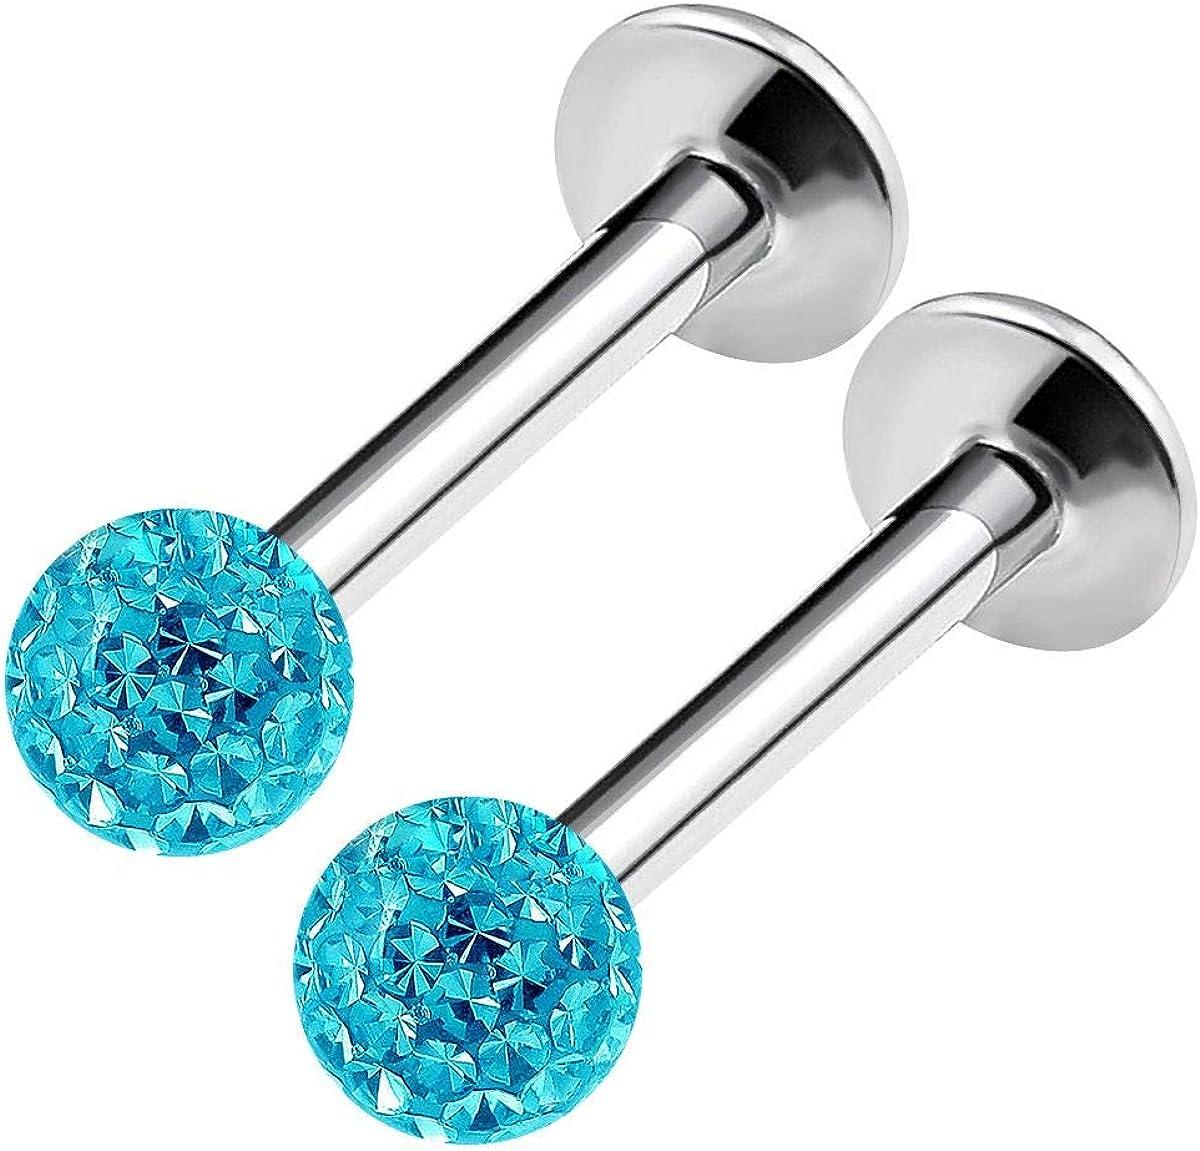 BanaVega 2PCS Stainless Steel Labret Lip Rings 16 Gauge 5/16 8mm 3mm Crystal Ball Rim Earrings Auricle Piercing Jewelry Choose Colors